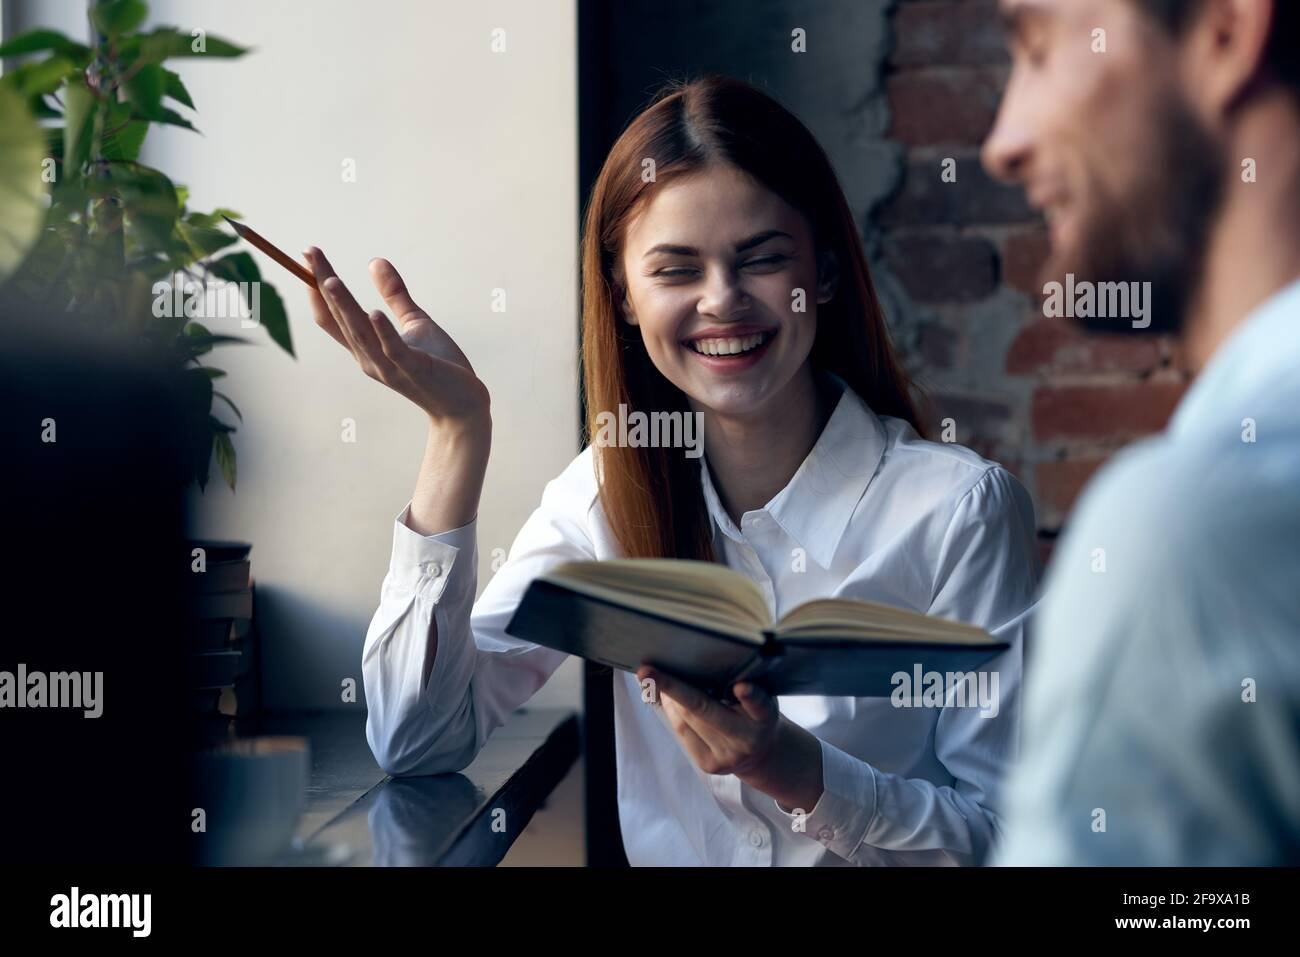 Mujer de negocios en camisa con libro en manos al lado trabajo de oficina Foto de stock